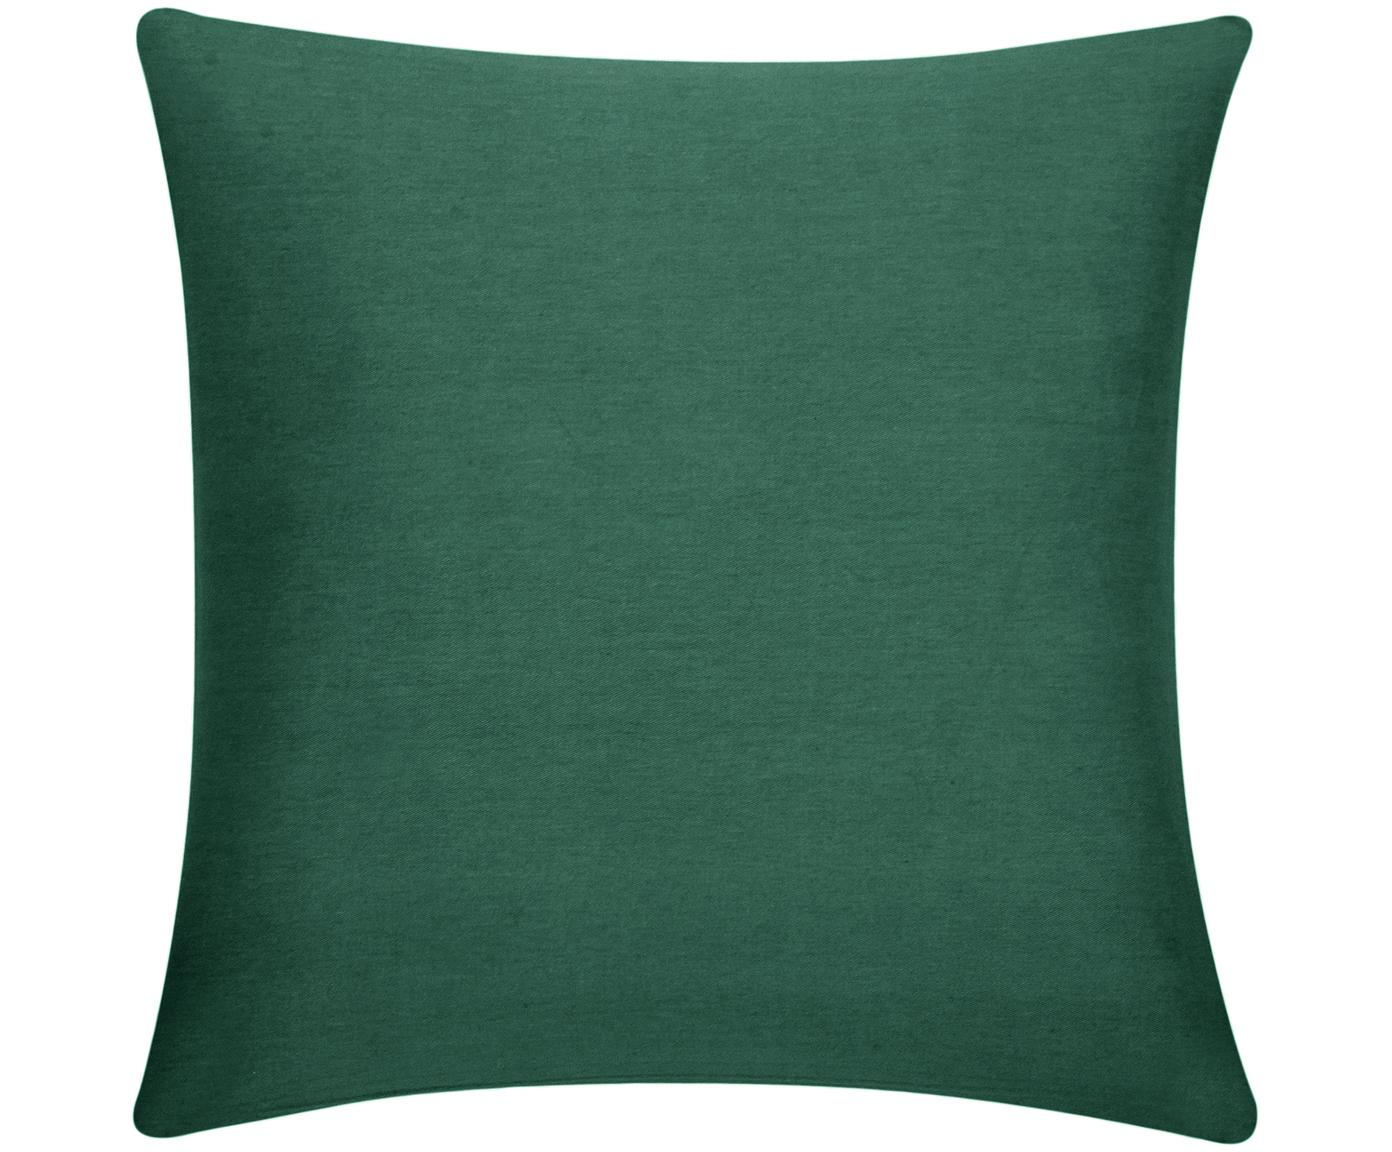 Funda de cojín de algodón Mads, Algodón, Verde, An 40 x L 40 cm